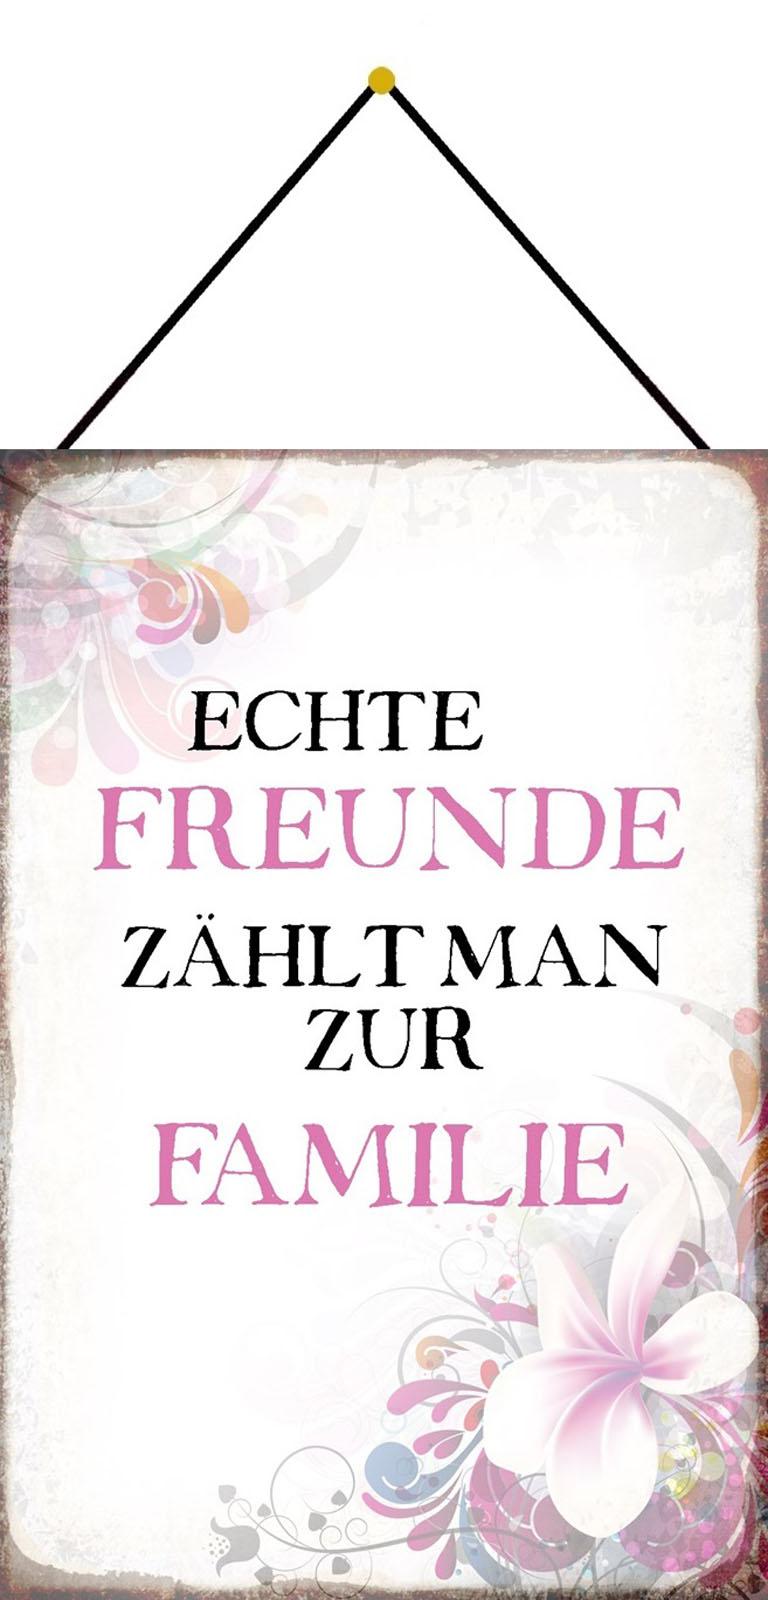 Familie und spruch freunde über Familie Sprüche